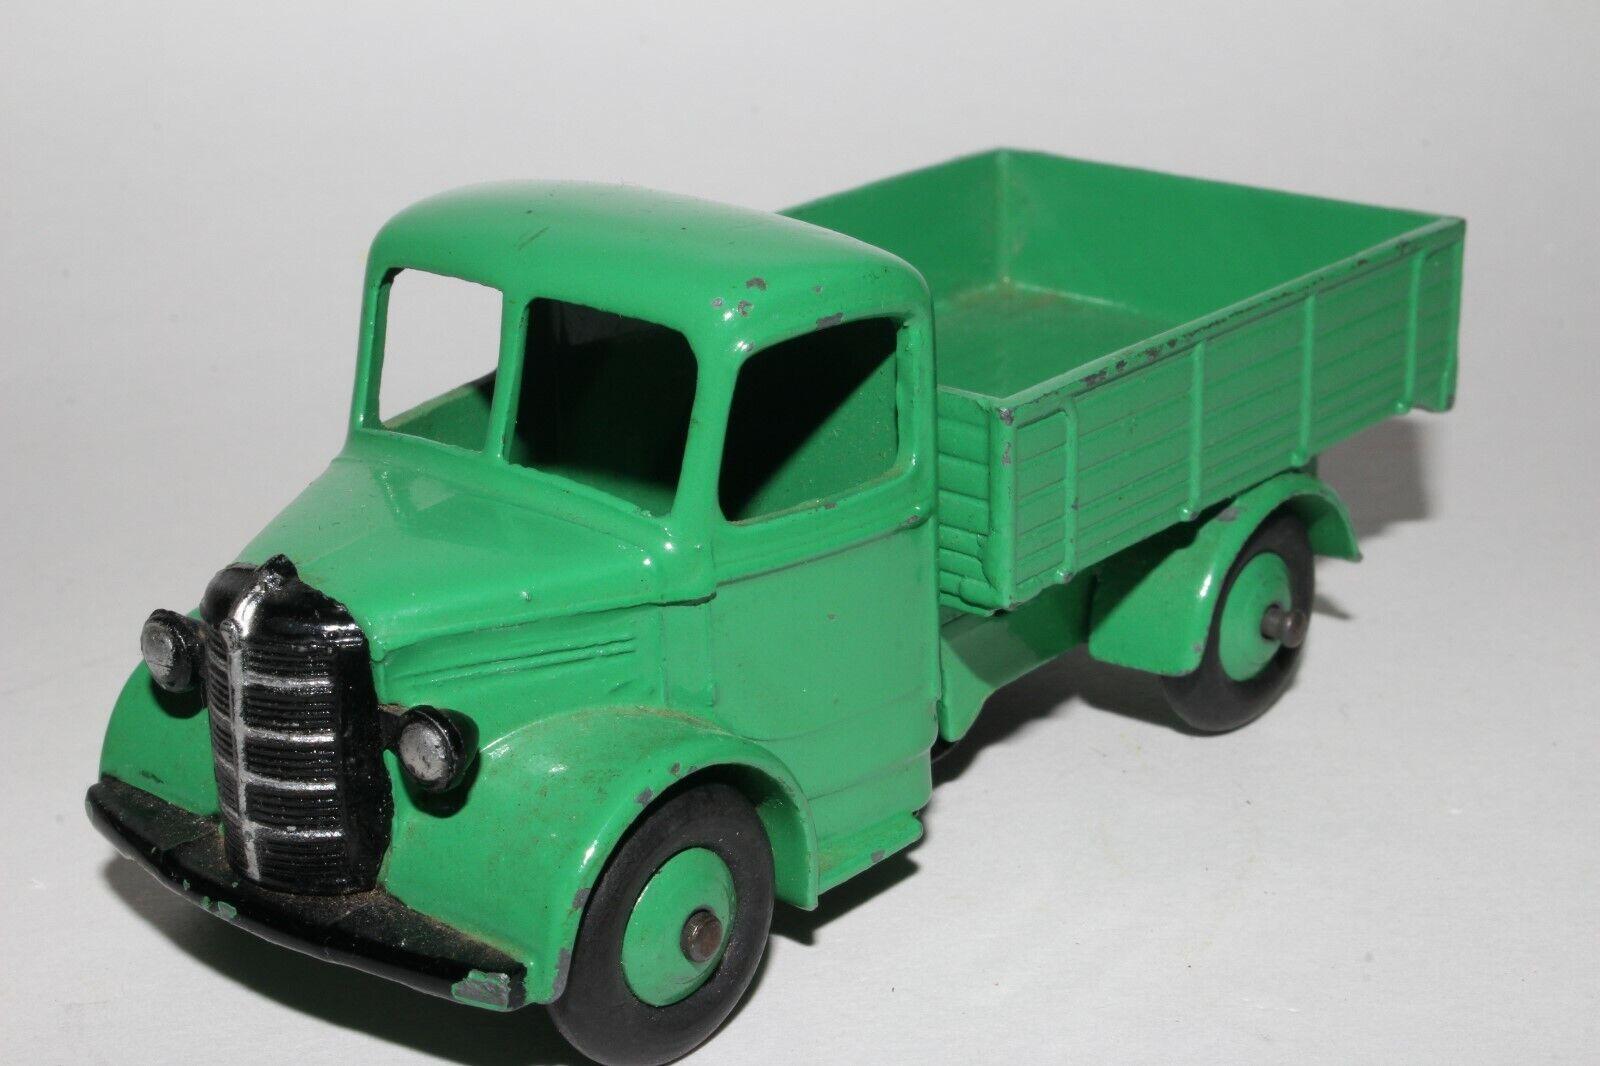 Década de 1950 Dinky Juguetes  411 Bedford Camión de lecho fijo, verde medio, agradable Original